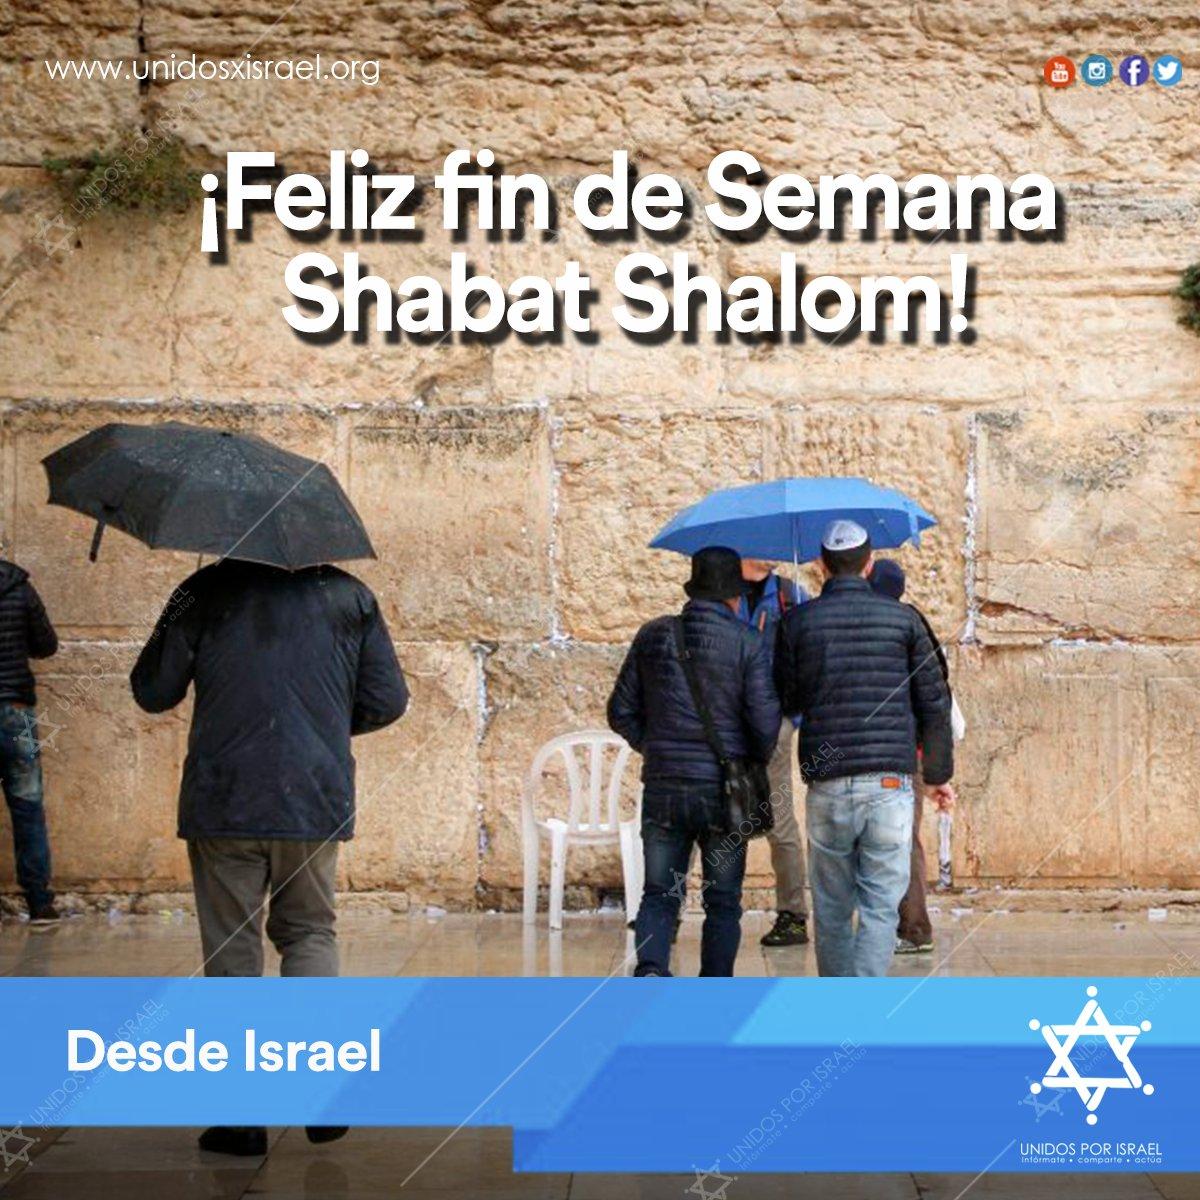 RT @unidosxisrael: ¡#ShabatShalom, amigos de #Israel! ¡Que tengan un rico fin de semana! https://t.co/aBLFsklmkd